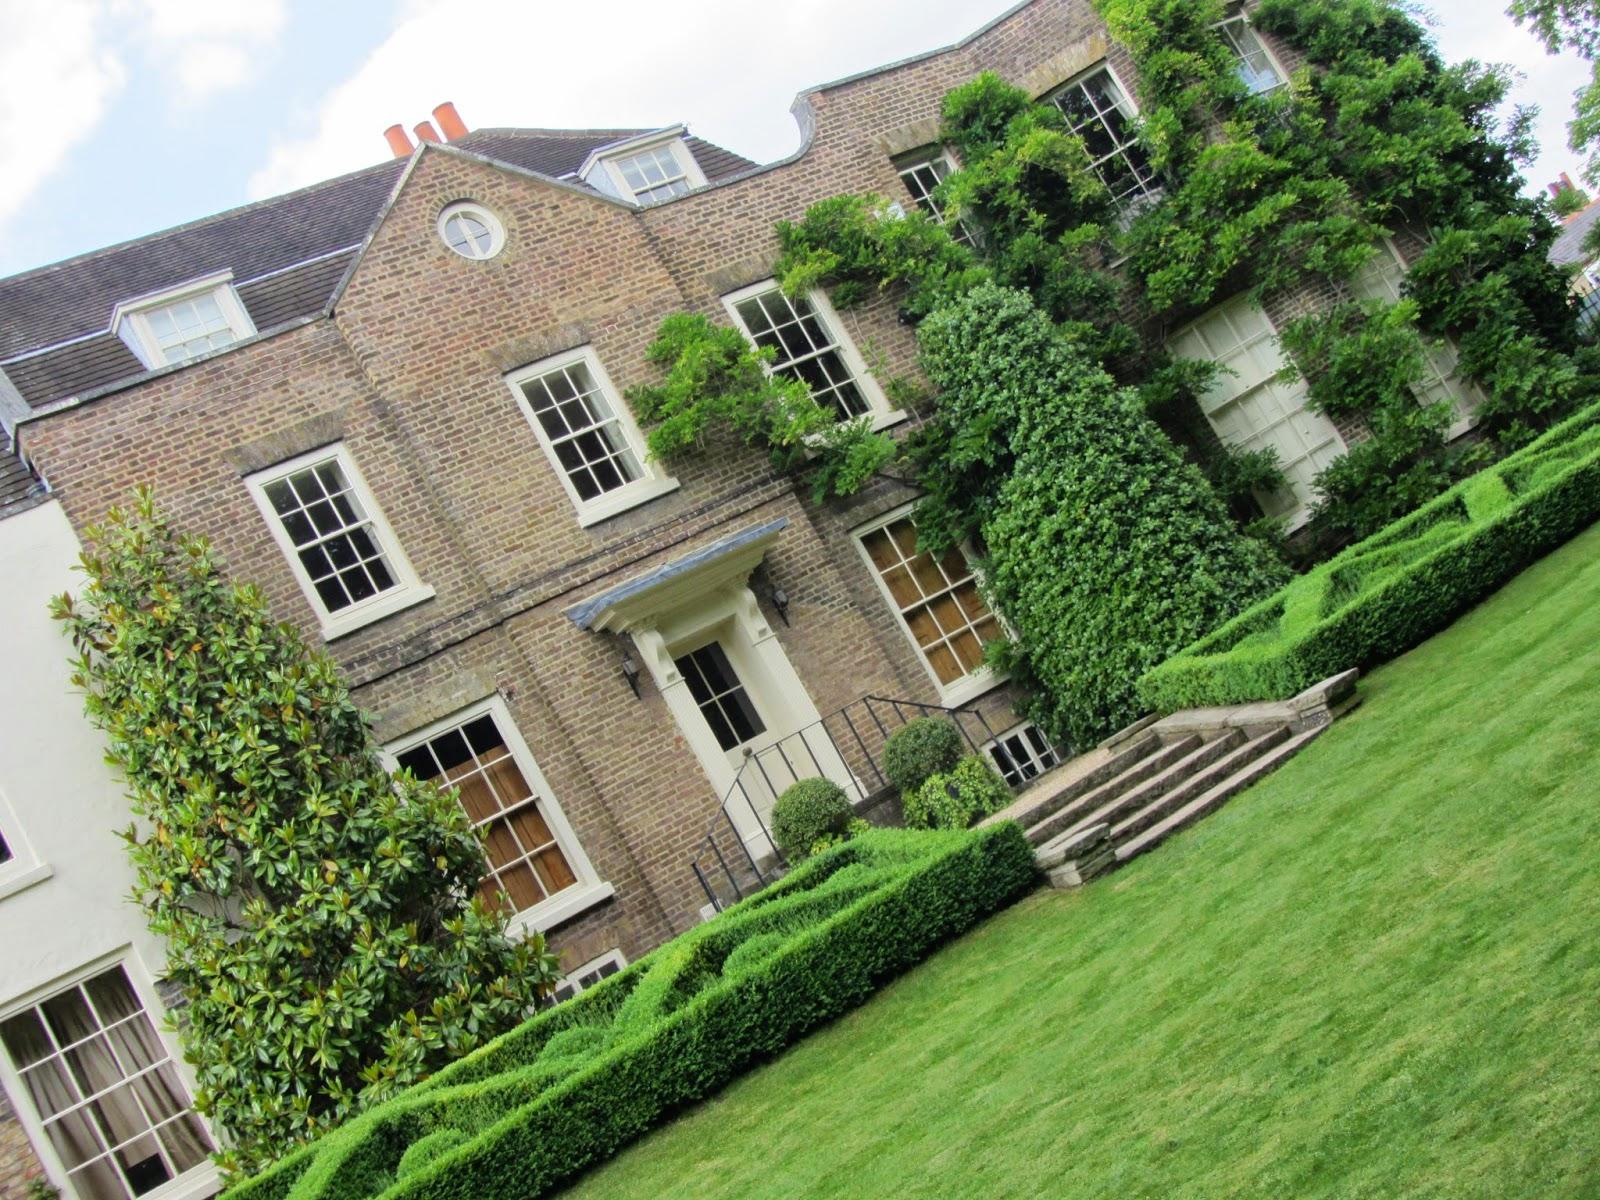 ham photos cecil house in petersham open gardens 2014